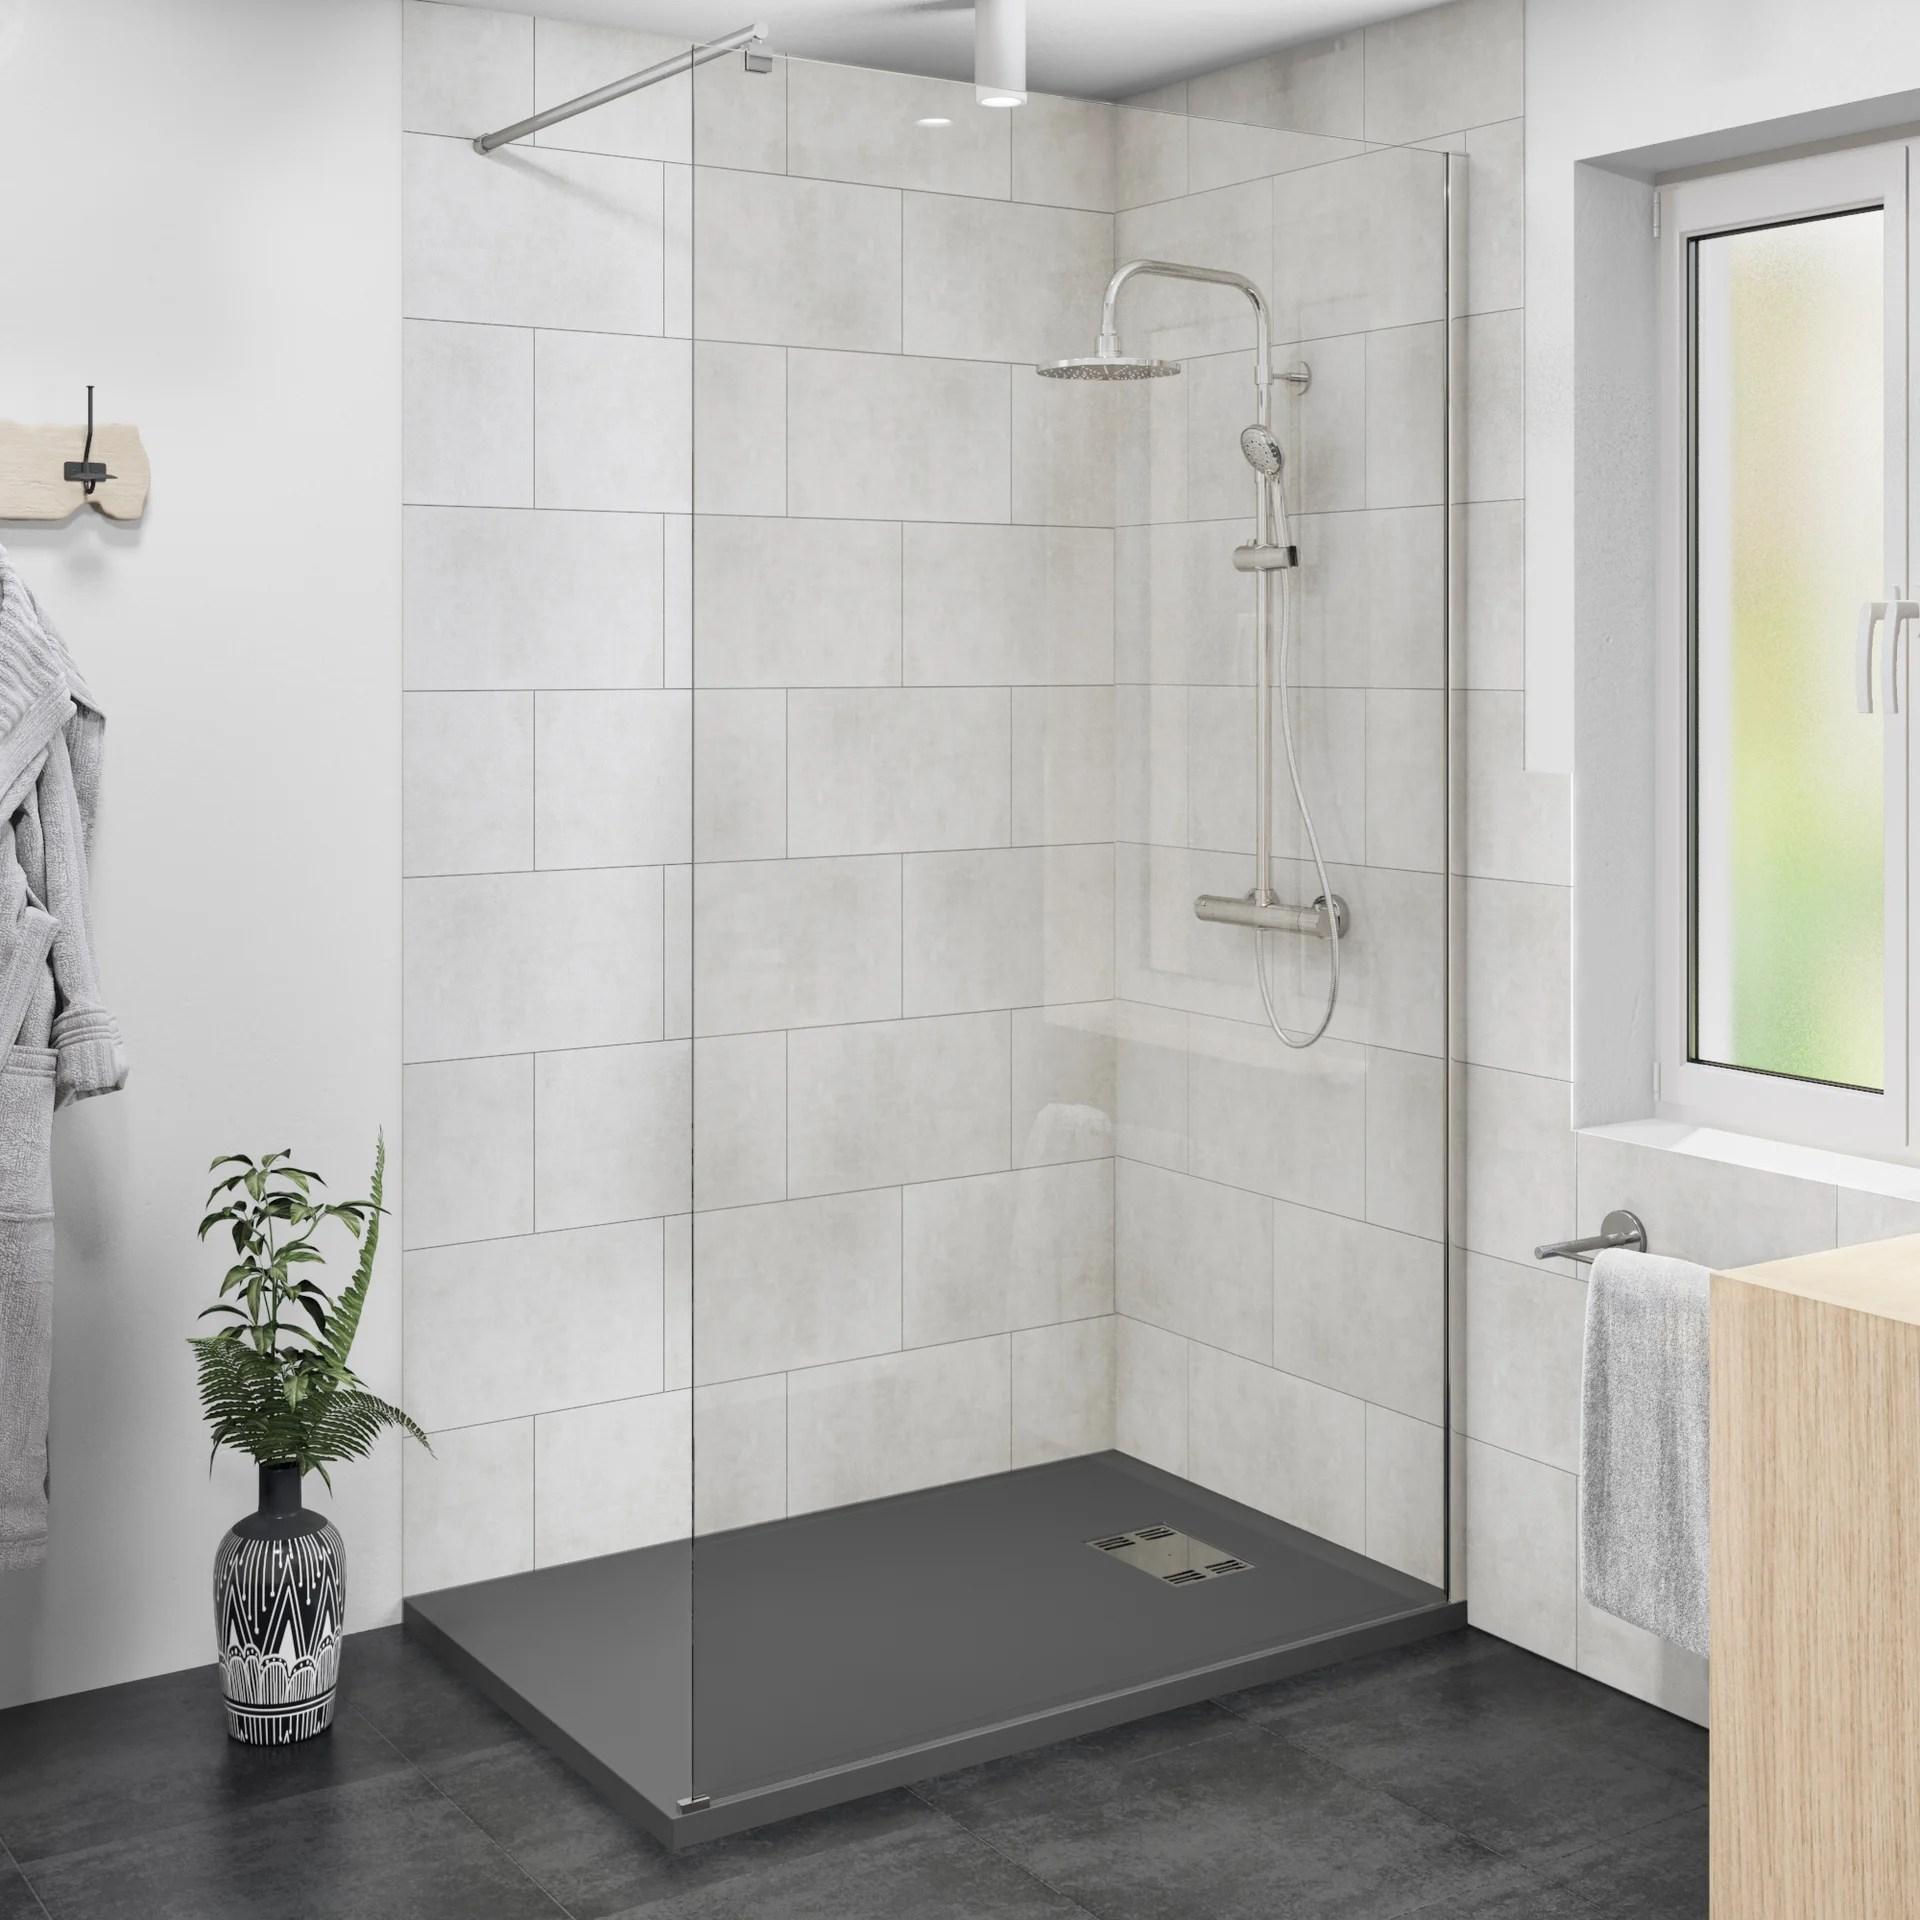 douche a l italienne remix avec receveur easy gris 90x140 cm